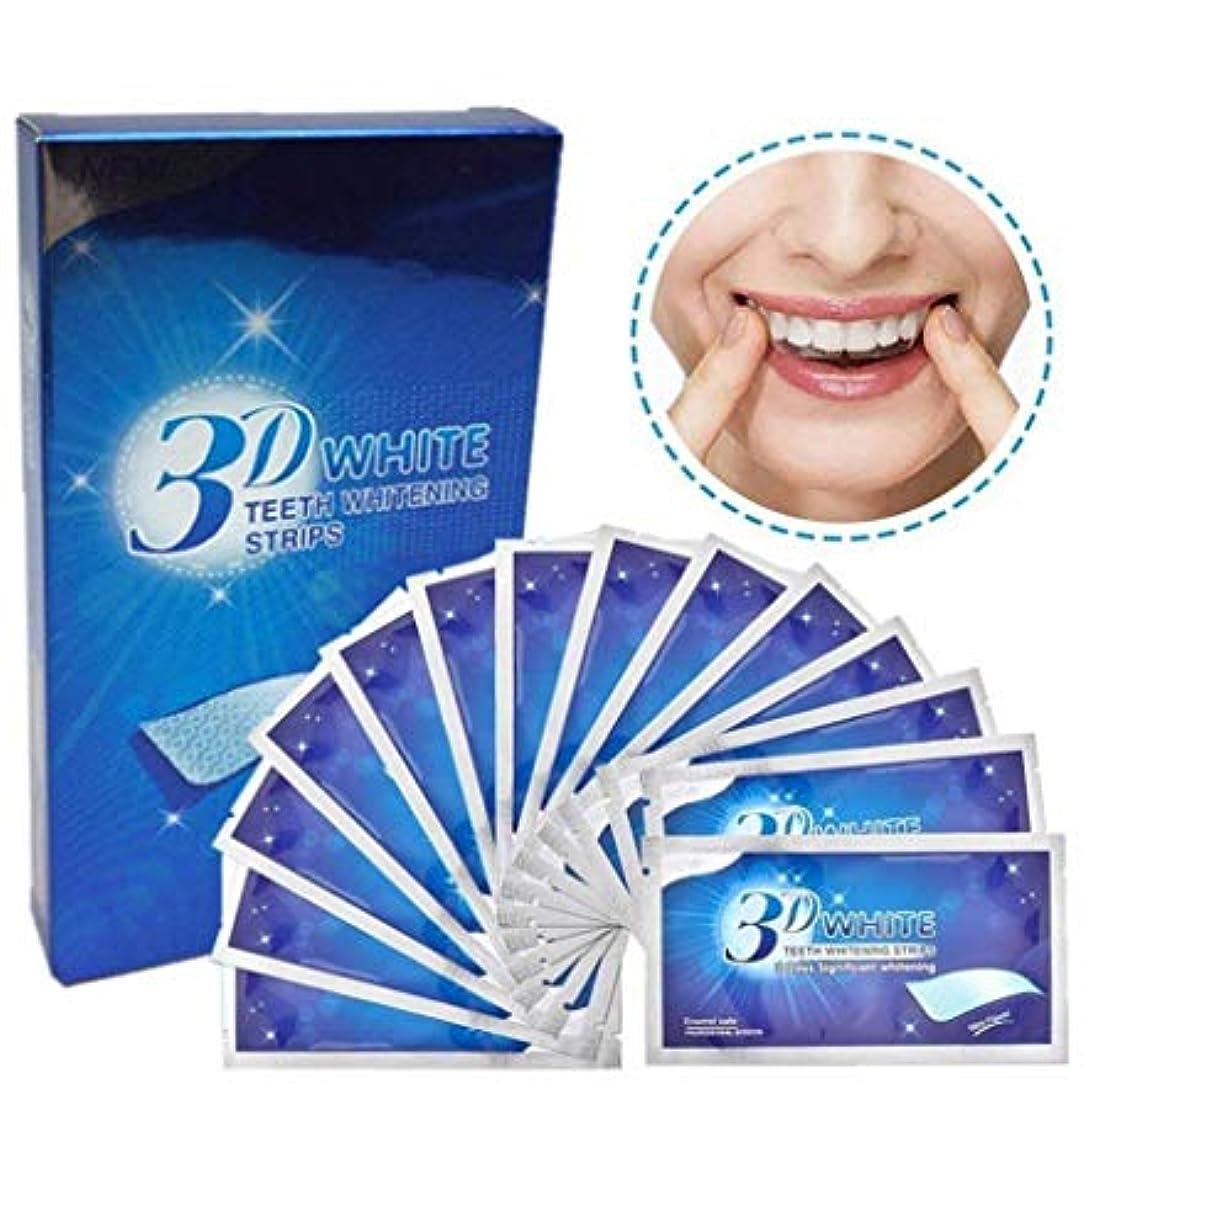 昆虫リールやるWENER 歯を白くするストリップ、プロフェッショナルな歯を漂白するゲルストリップ有効な歯科用ケアキット歯垢を除去しますー14パック28枚 ドライ ホワイトニング